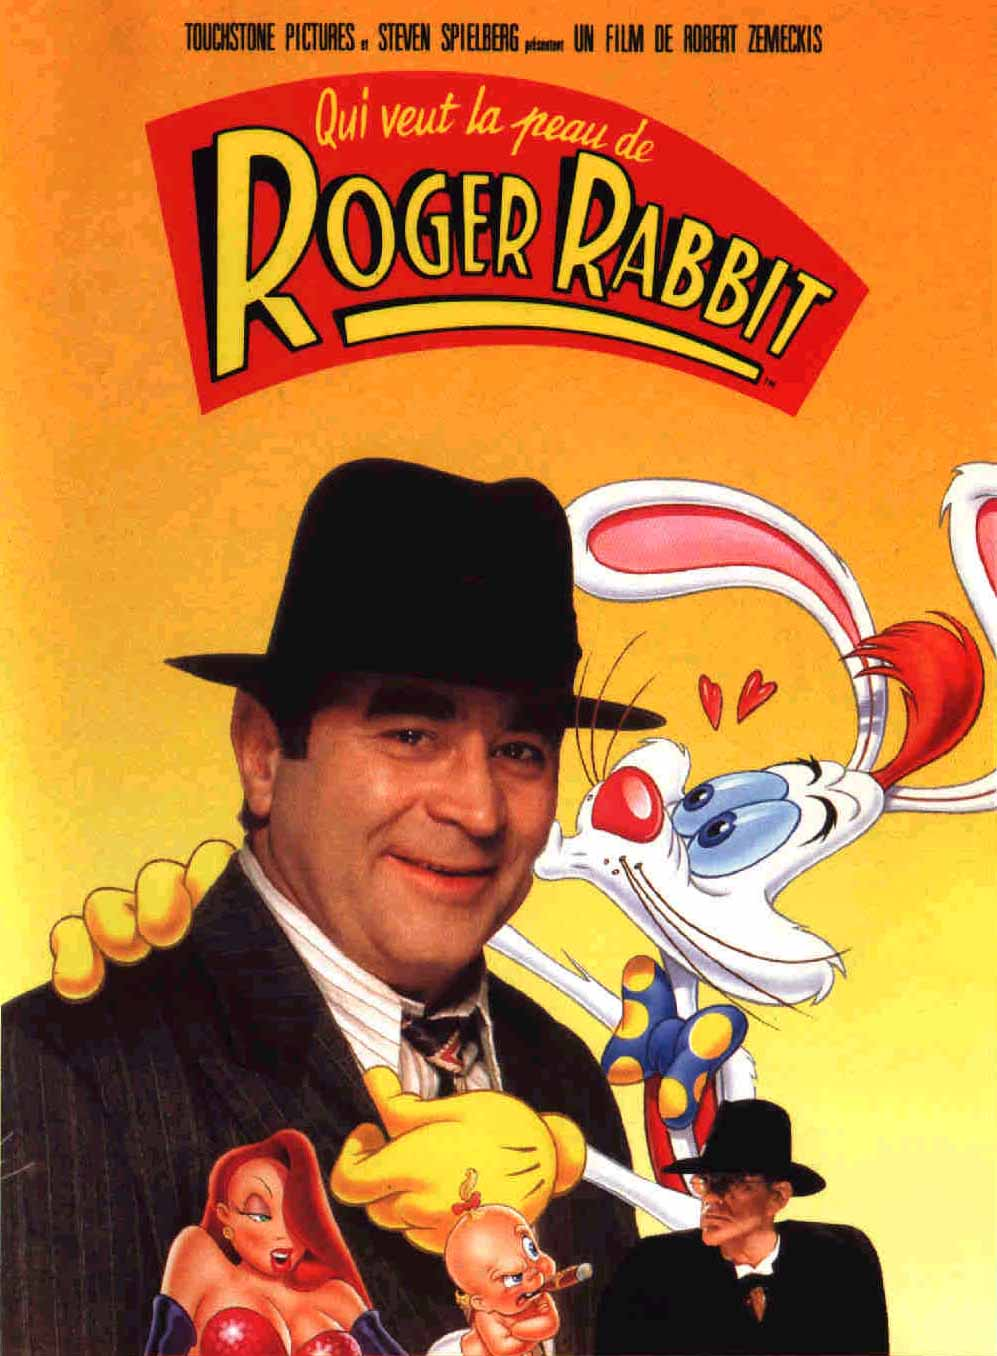 Affiche Roger Rabbit qui veut la peau de roger rabbit ? | disney-planet